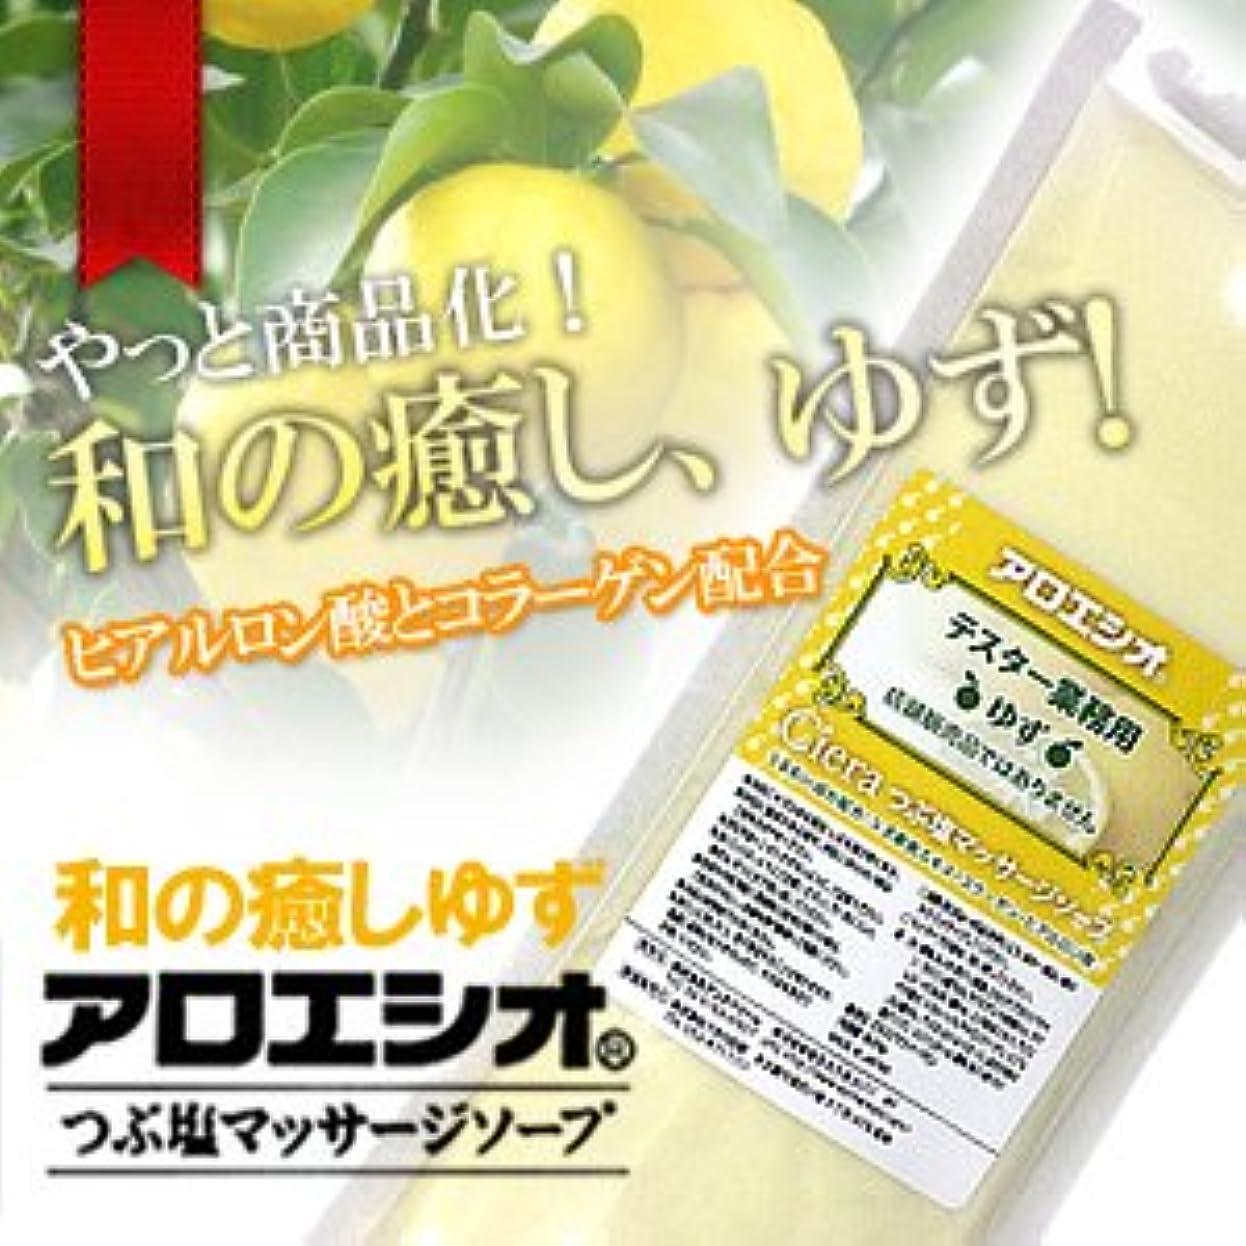 整理するねじれもっと少なくゆず アロエ塩 800g つぶ塩マッサージソープ/フタバ化学 アロエシオ